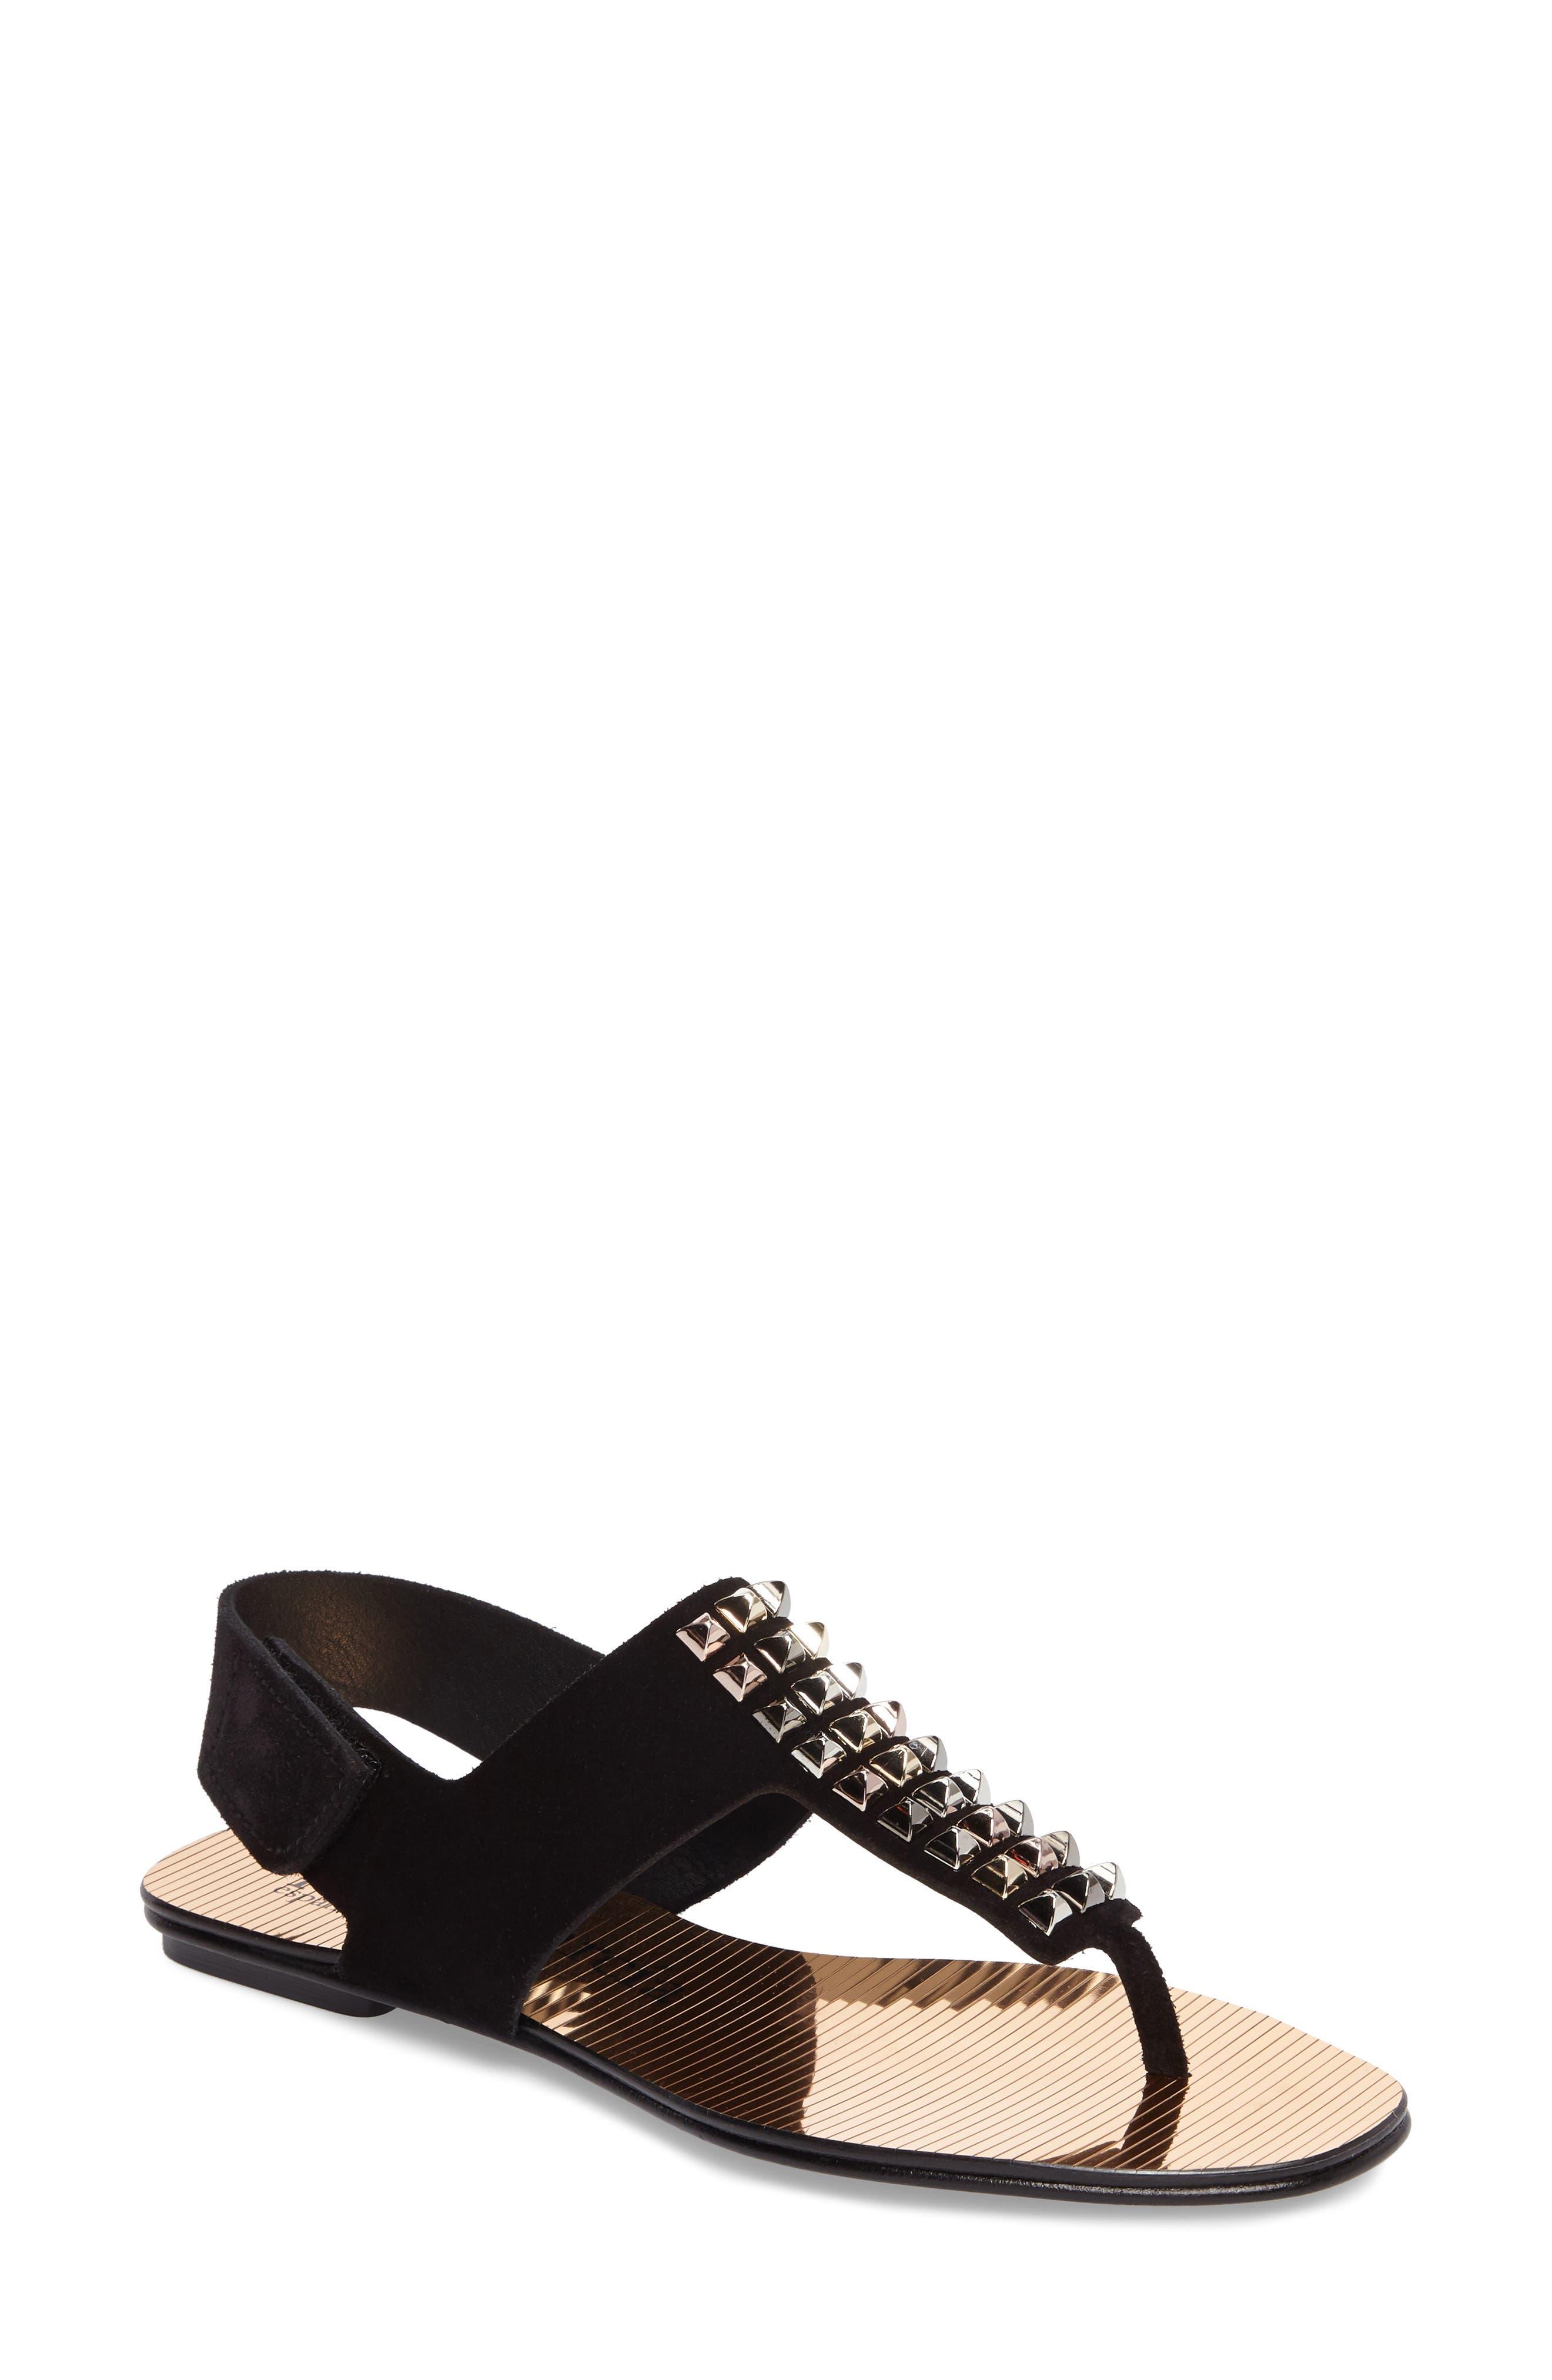 Alternate Image 1 Selected - Pedro Garcia Enid Studded T-Strap Sandal (Women)